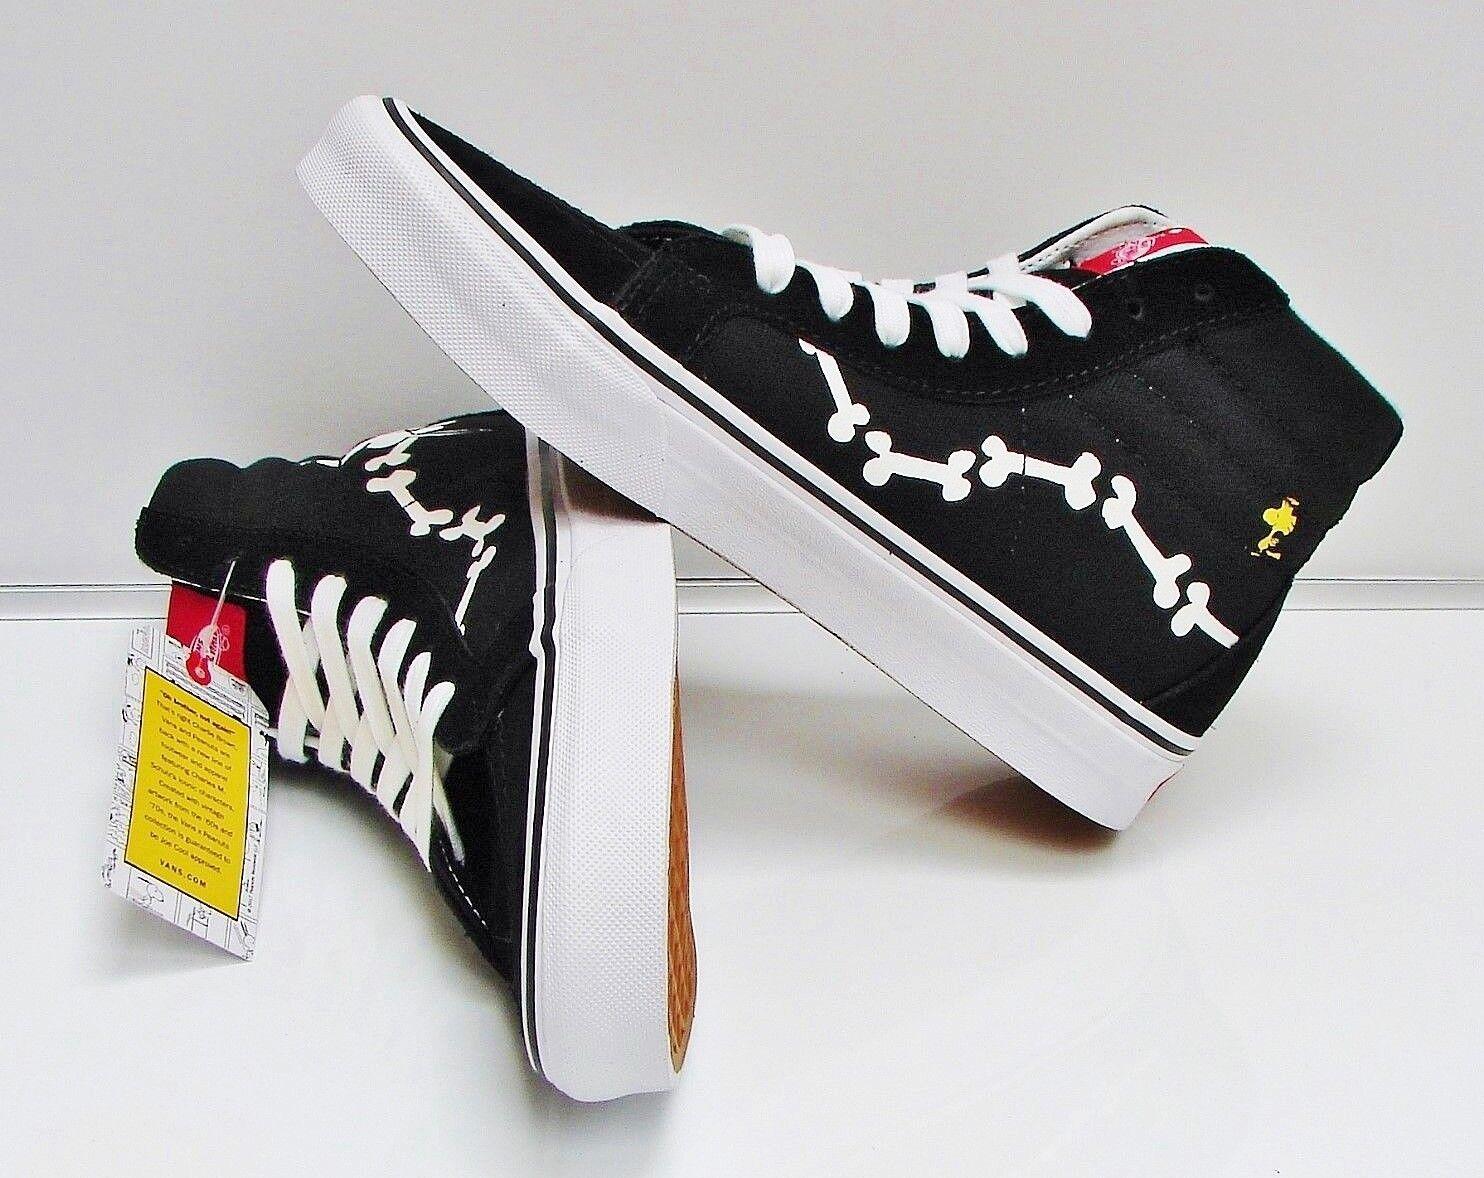 Vans Sk8 Hi Reissue Peanuts Snoopy Bones Black VN0A2XSB0HL Men's Size  11.5